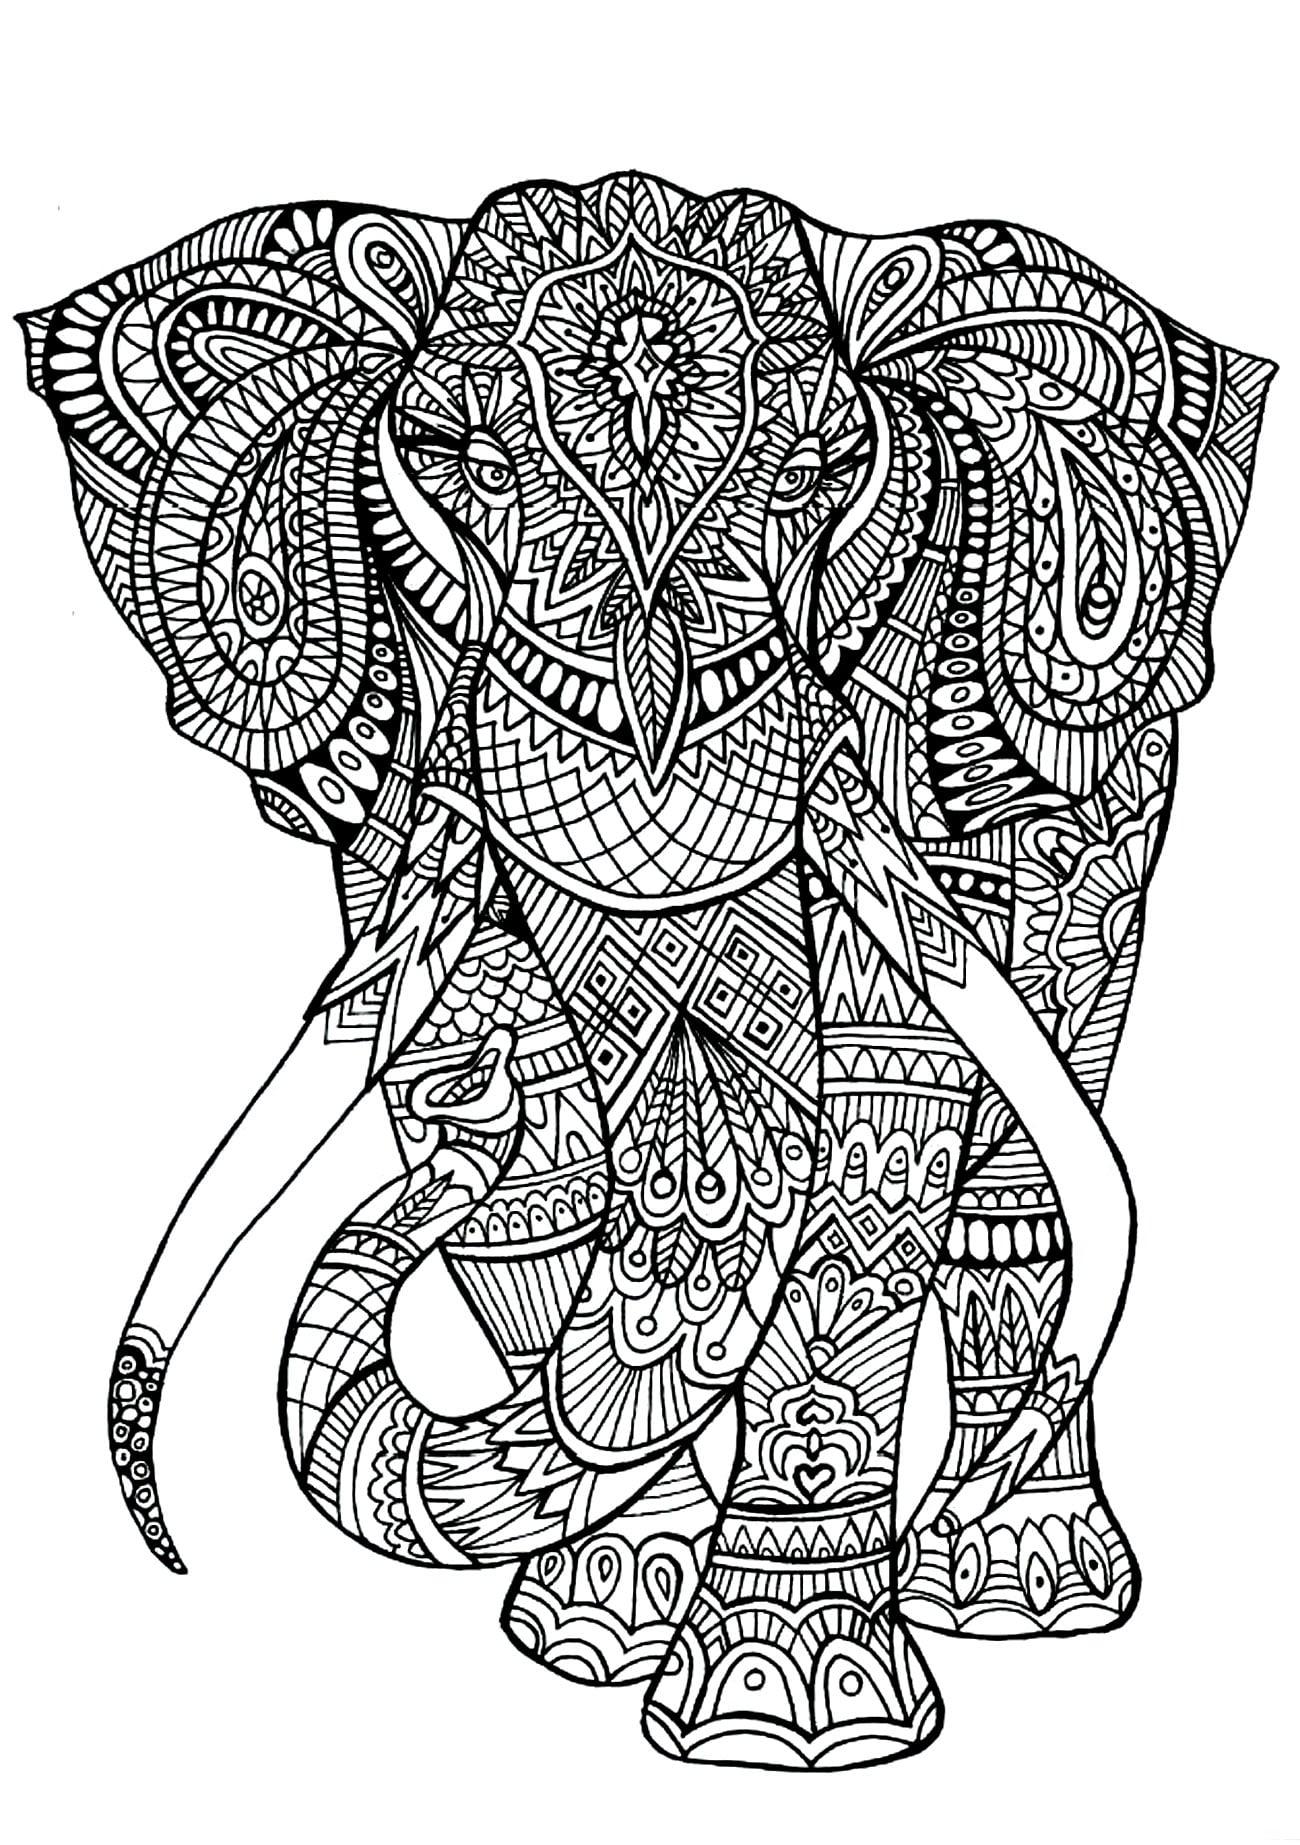 Tranh tô màu chú voi to lớn và hai ngà to